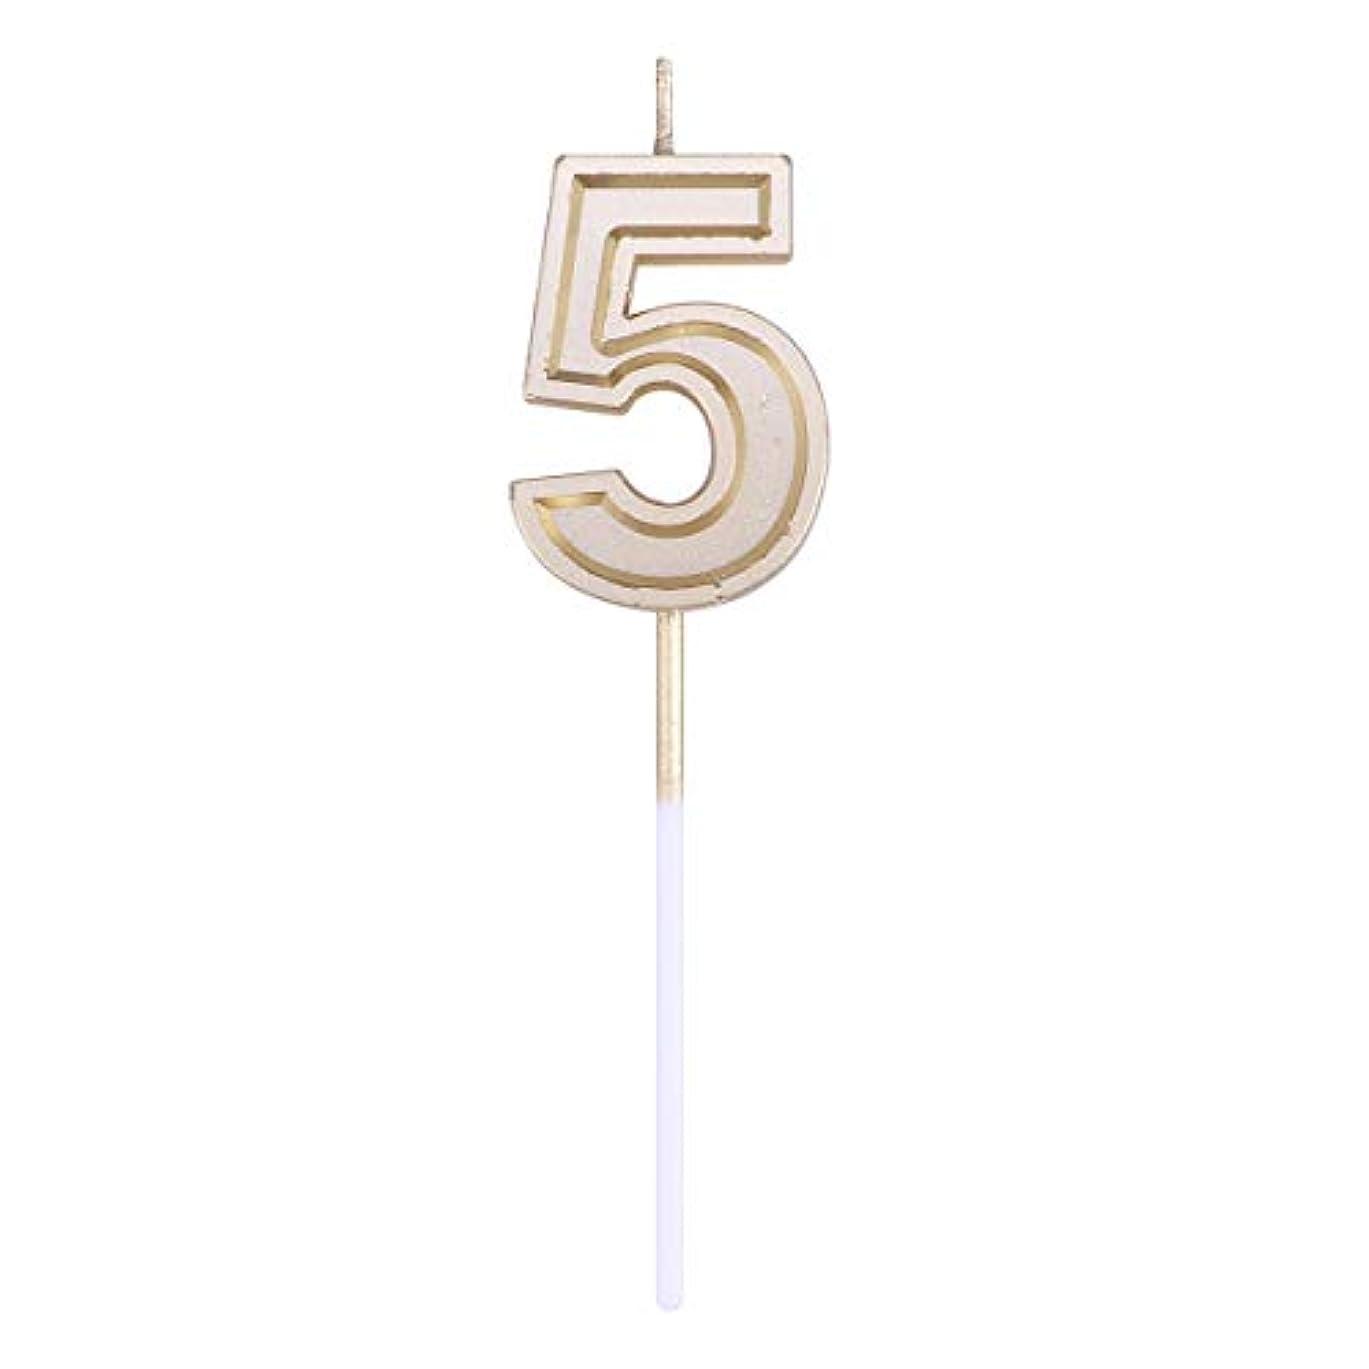 非行記念スタックToyvian ゴールドラメ誕生日おめでとう数字キャンドル番号キャンドルケーキトッパー装飾用大人キッズパーティー(5)